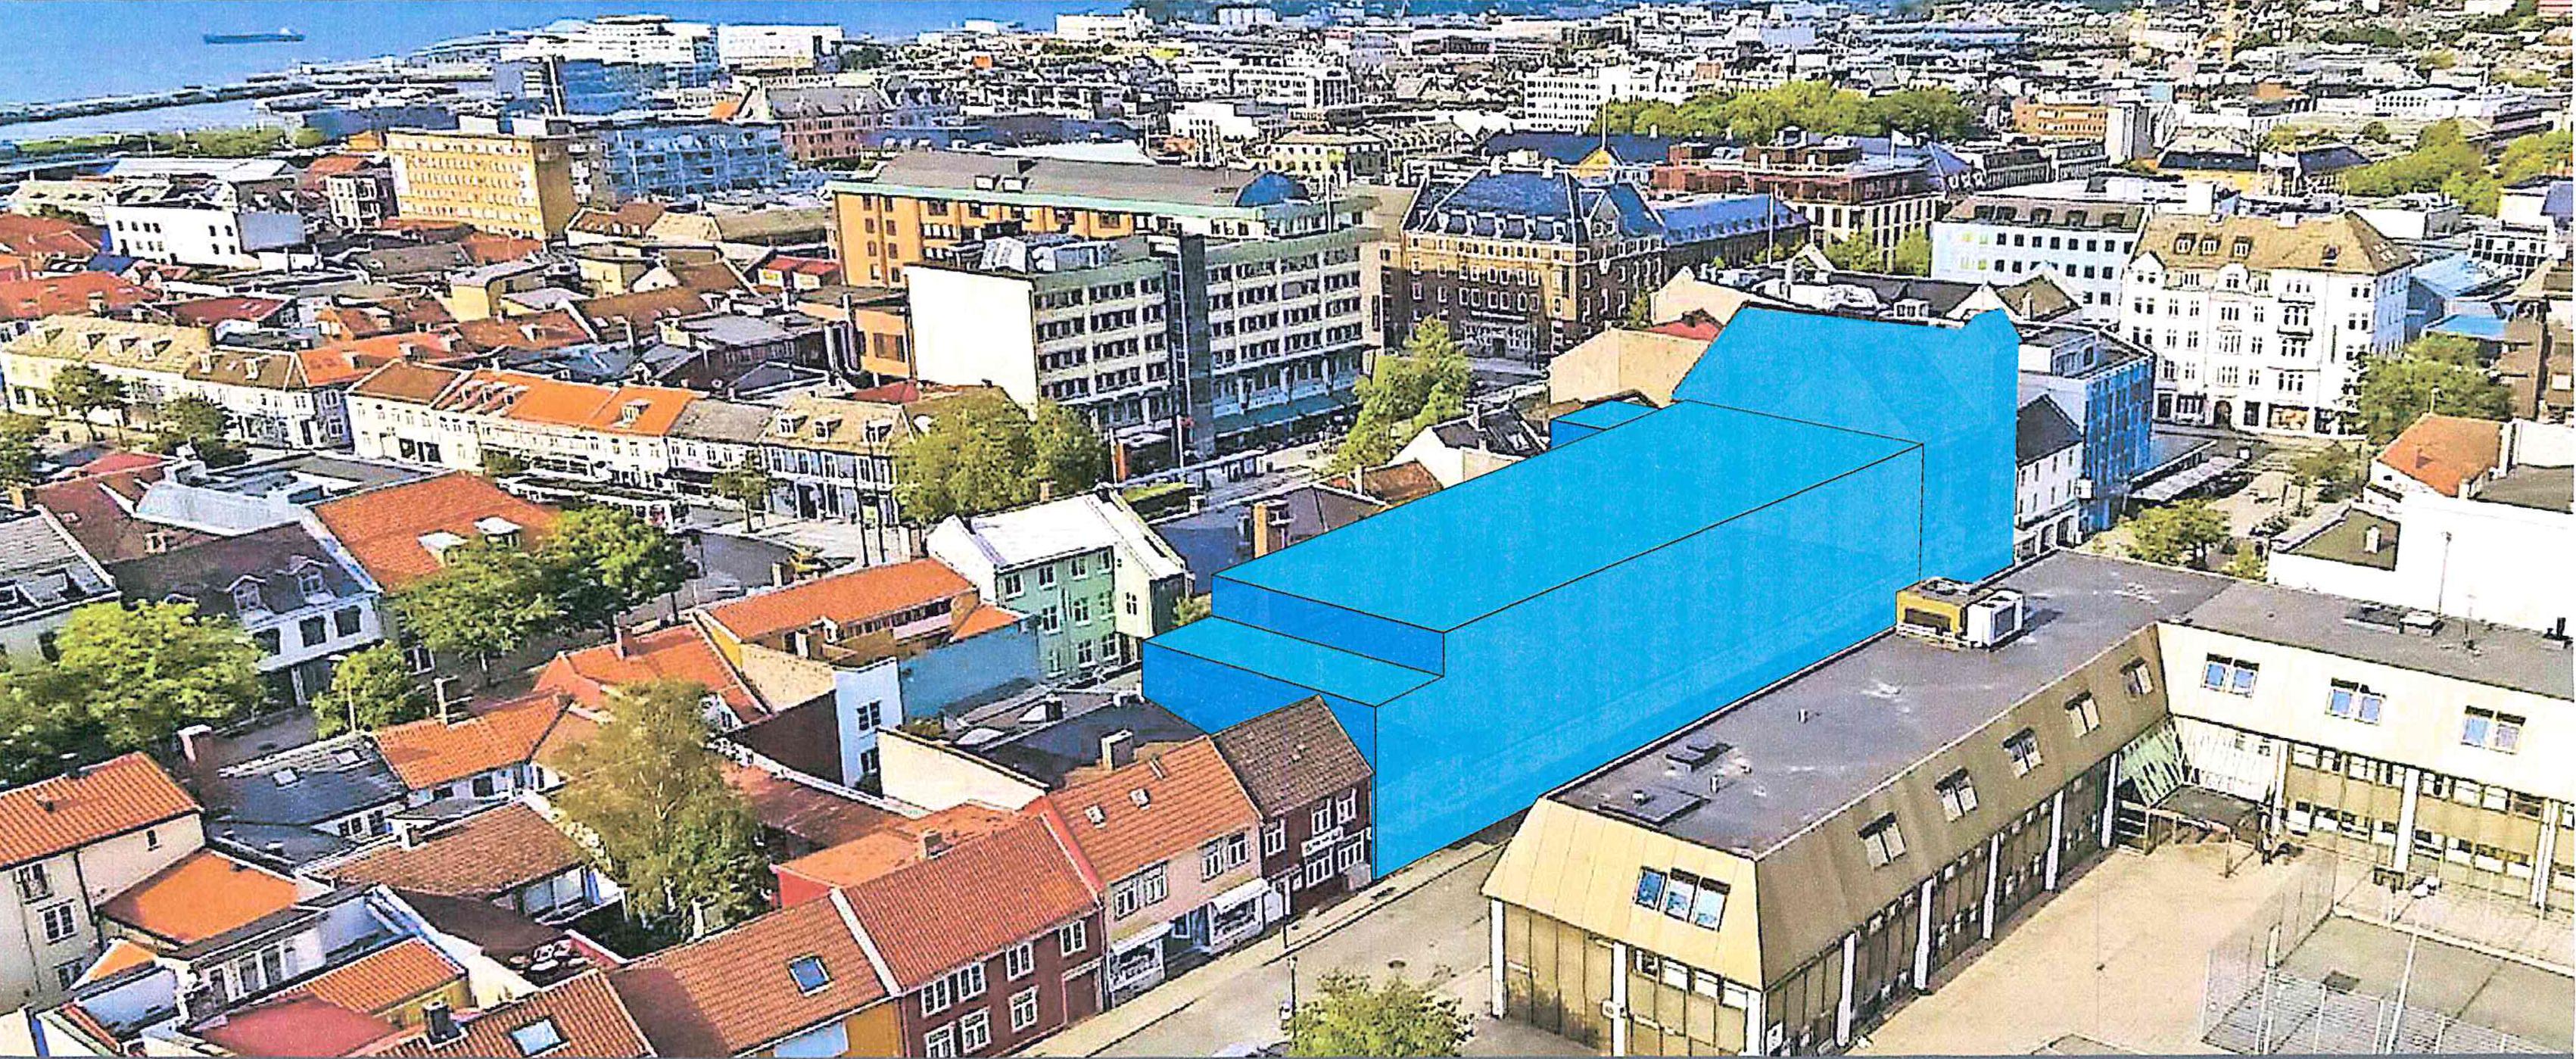 Ønsker bedre utnytting. Det blå feltet viser tillatt byggevolum mot Repslagerveita. På stedet ligger det i dag blant annet en RIMI-butikk, men snart flytter COOP inn. (Illustrasjon: Basale)